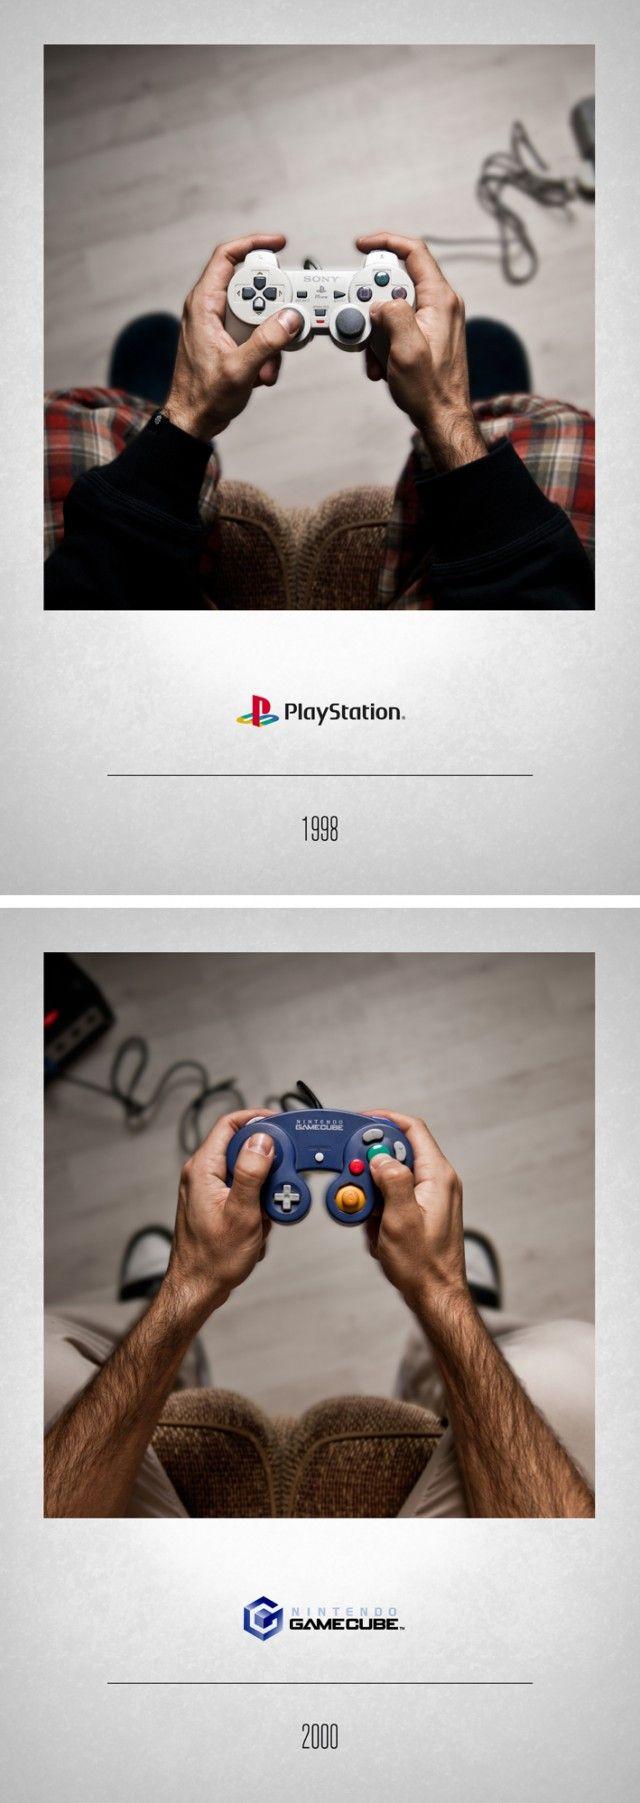 artsite-jeux-video-histoire-manettes-photographie-13 Un photographe retrace 30 ans de consoles de jeux à travers 22 manettes intemporelles